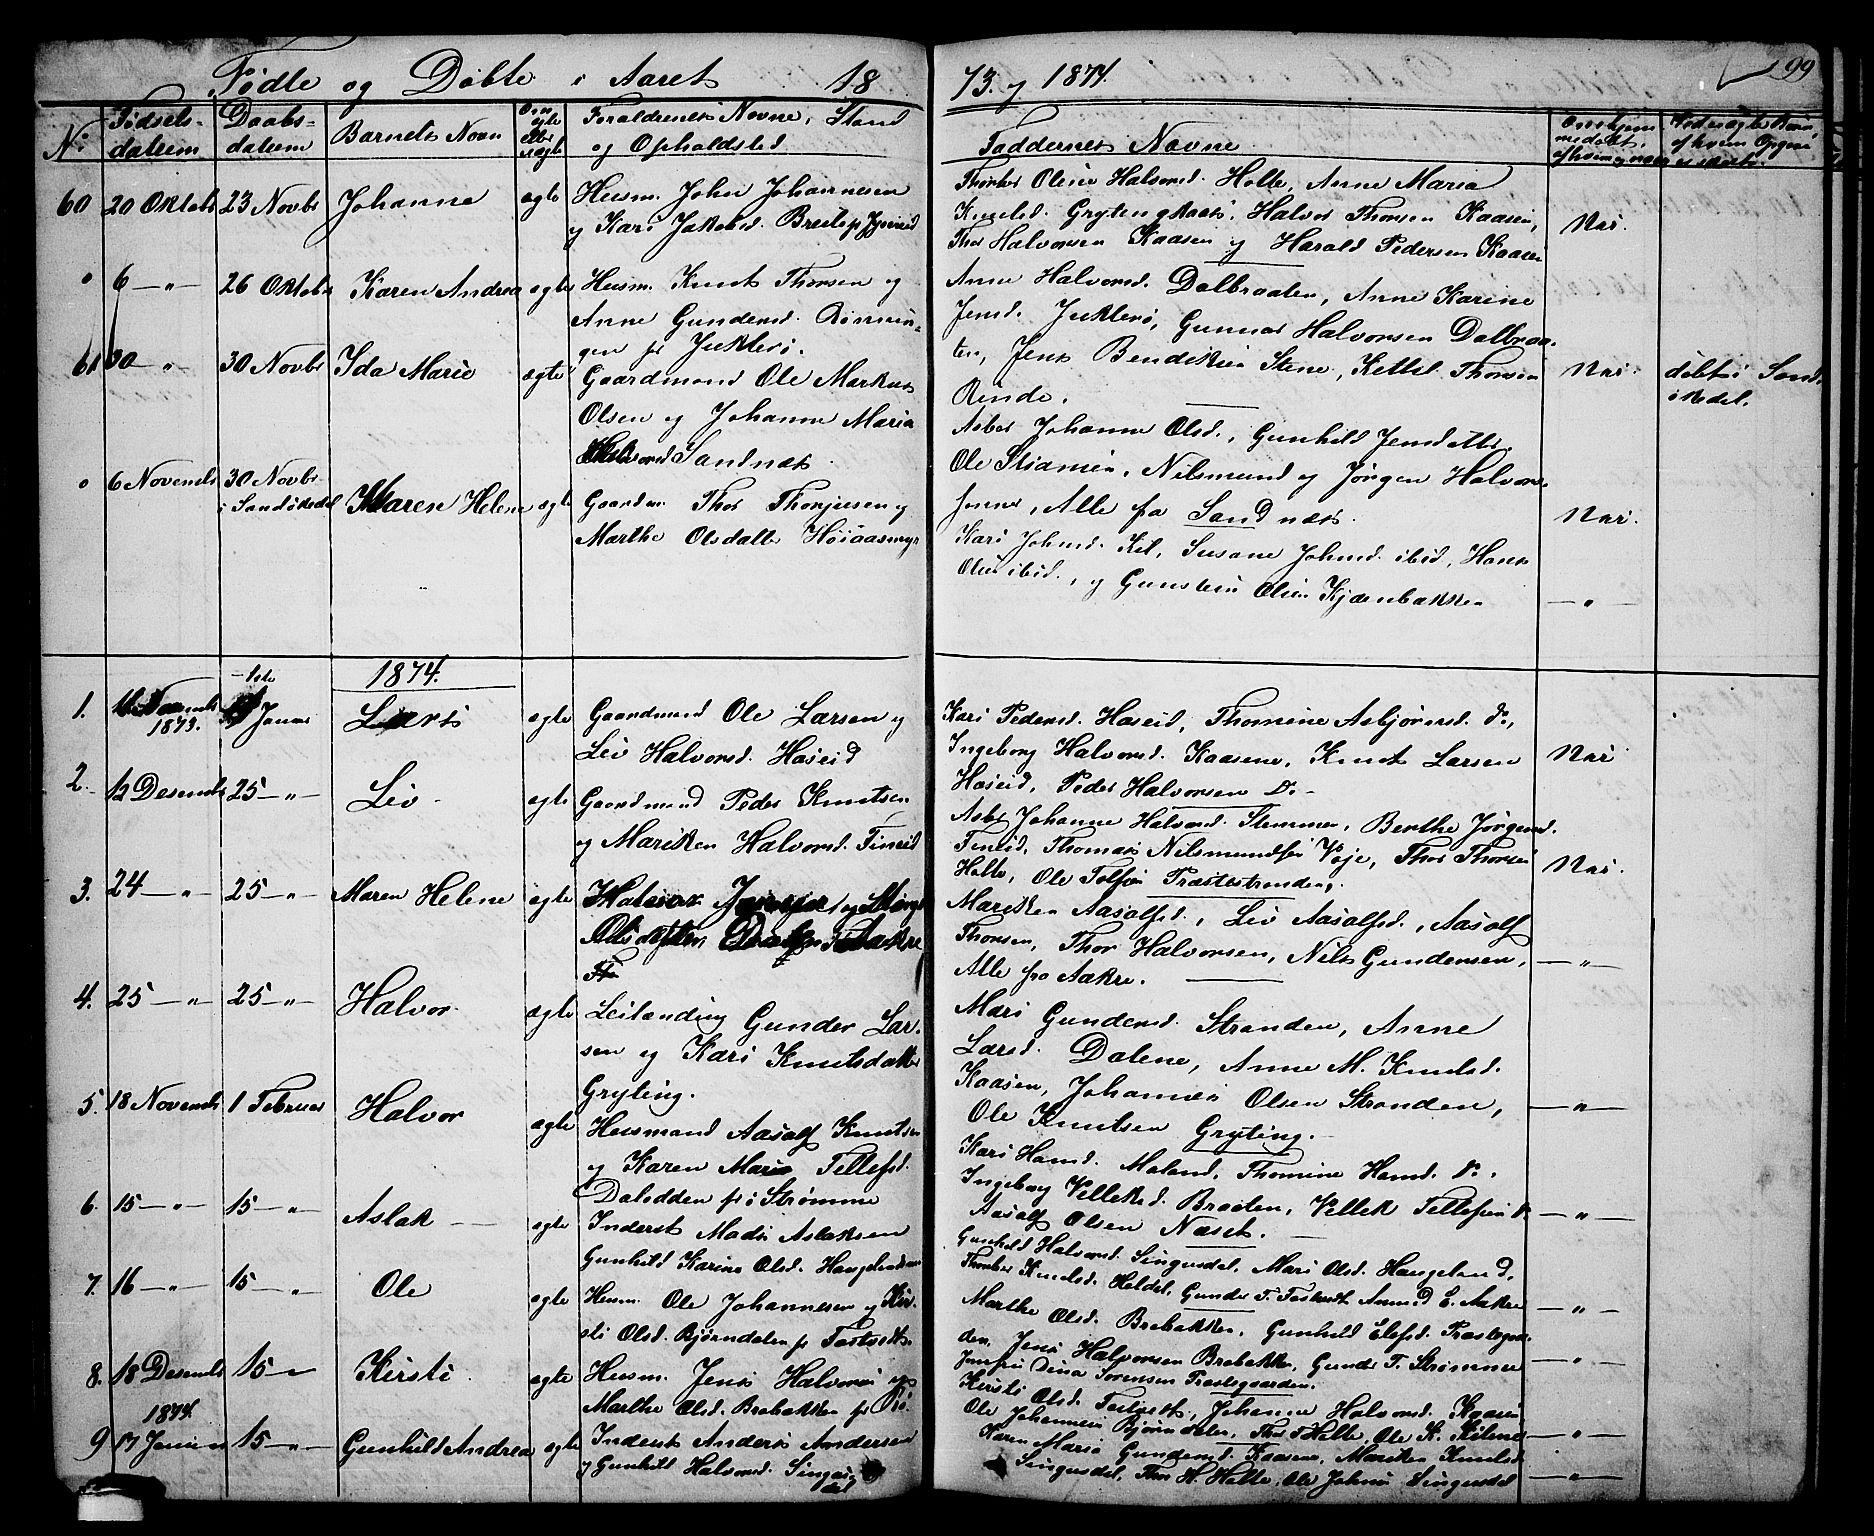 SAKO, Drangedal kirkebøker, G/Ga/L0002: Klokkerbok nr. I 2, 1856-1887, s. 99